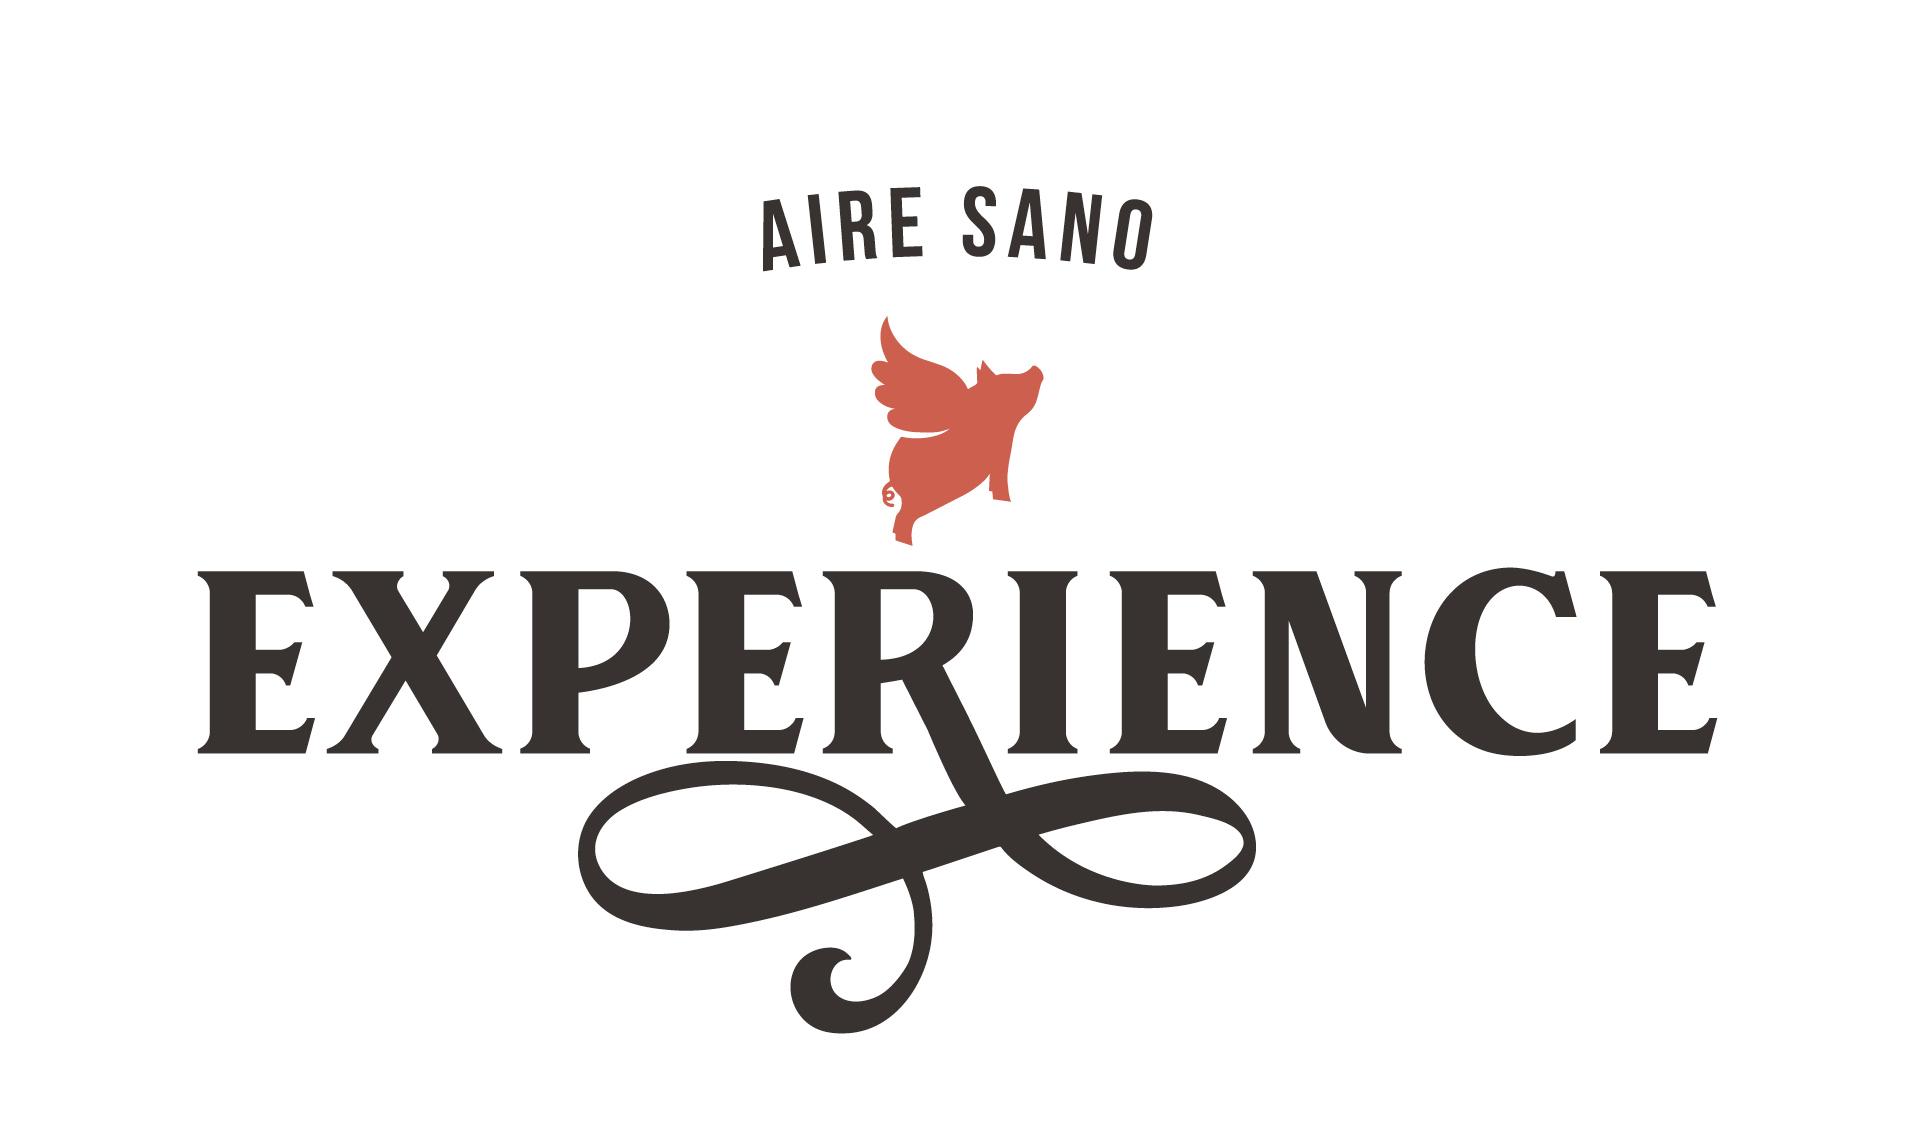 LOGO AIRESANO EXPERIENCE